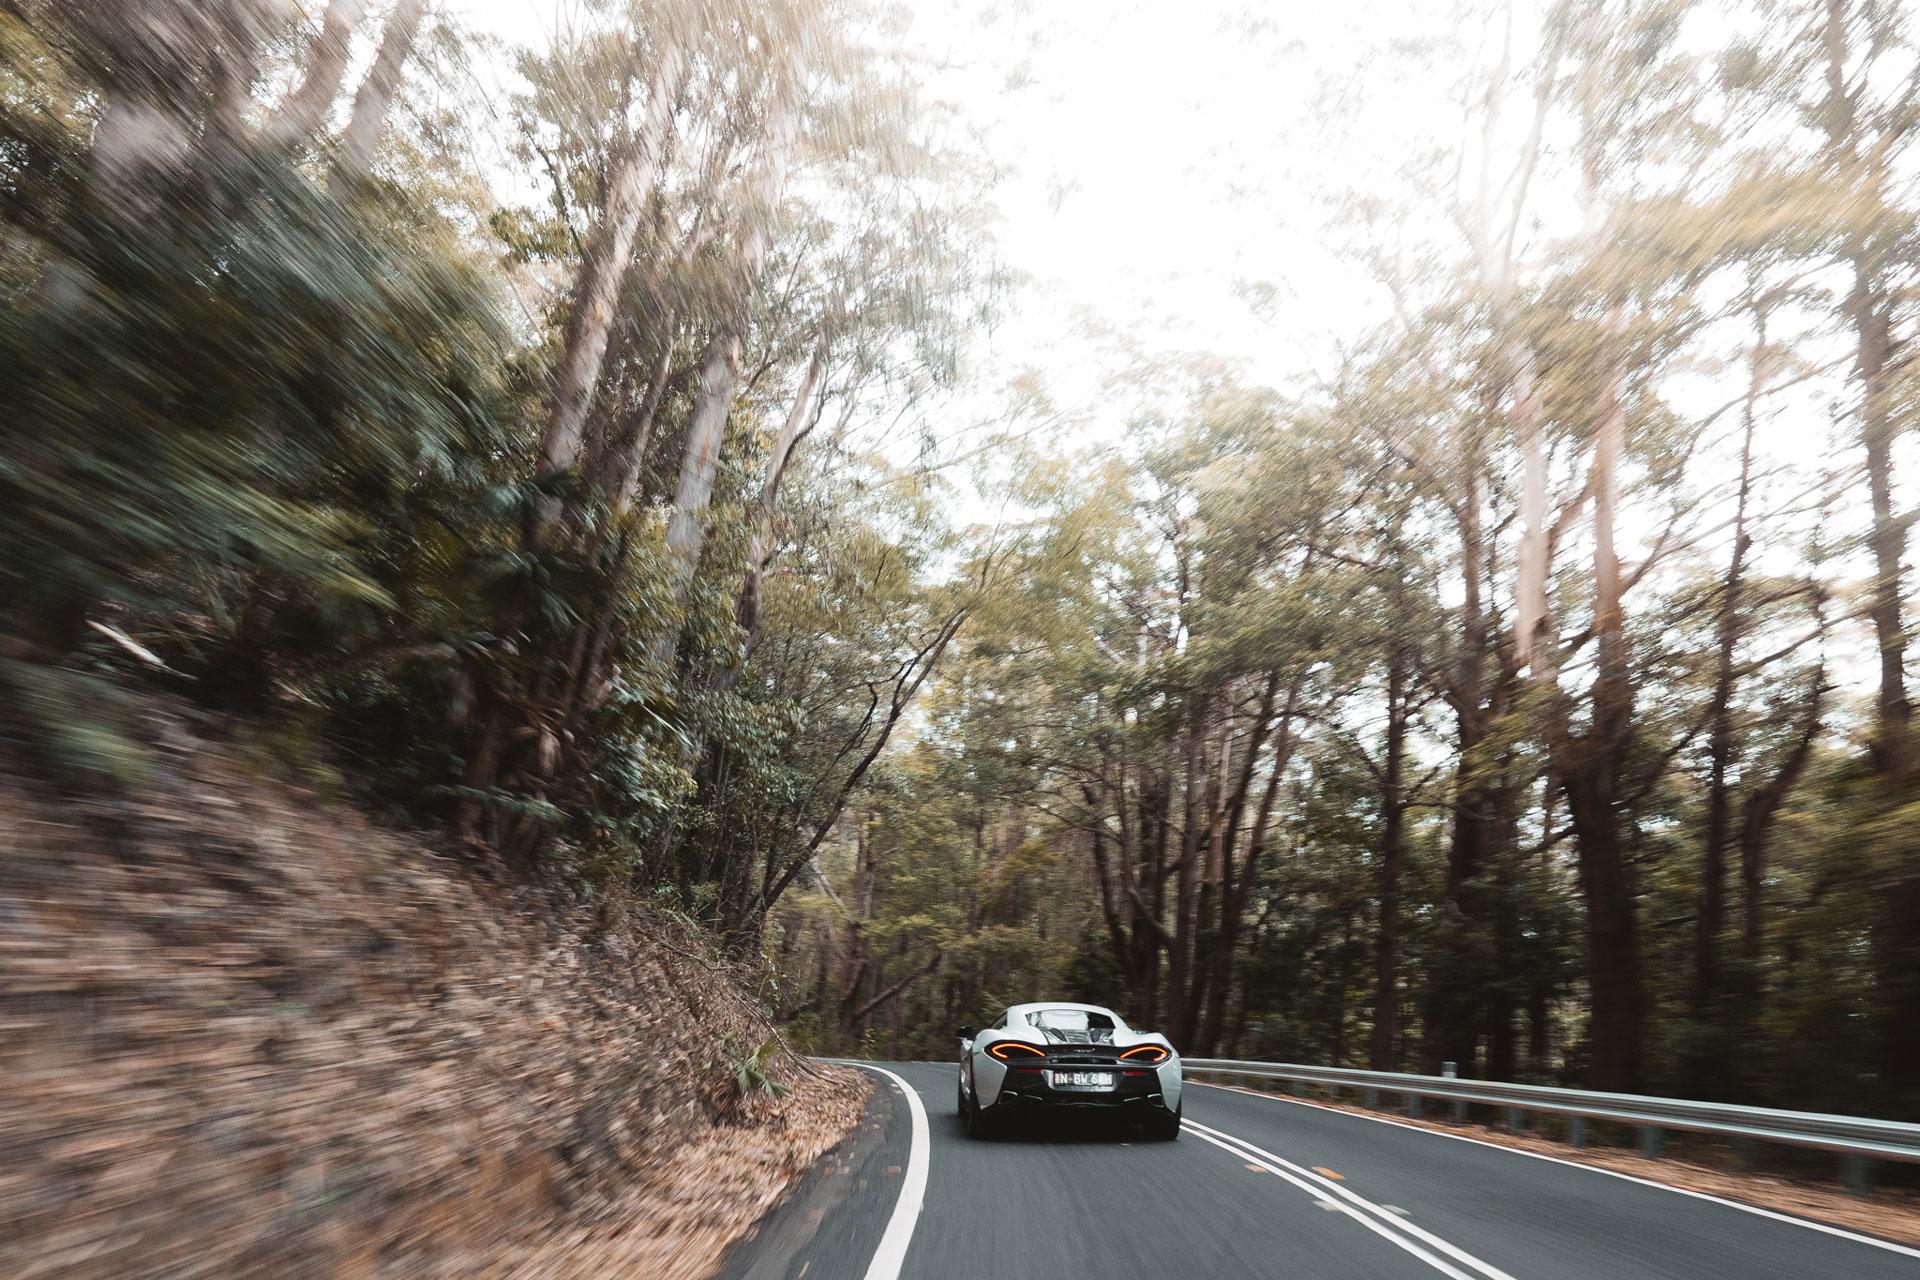 mclaren-rear-drive